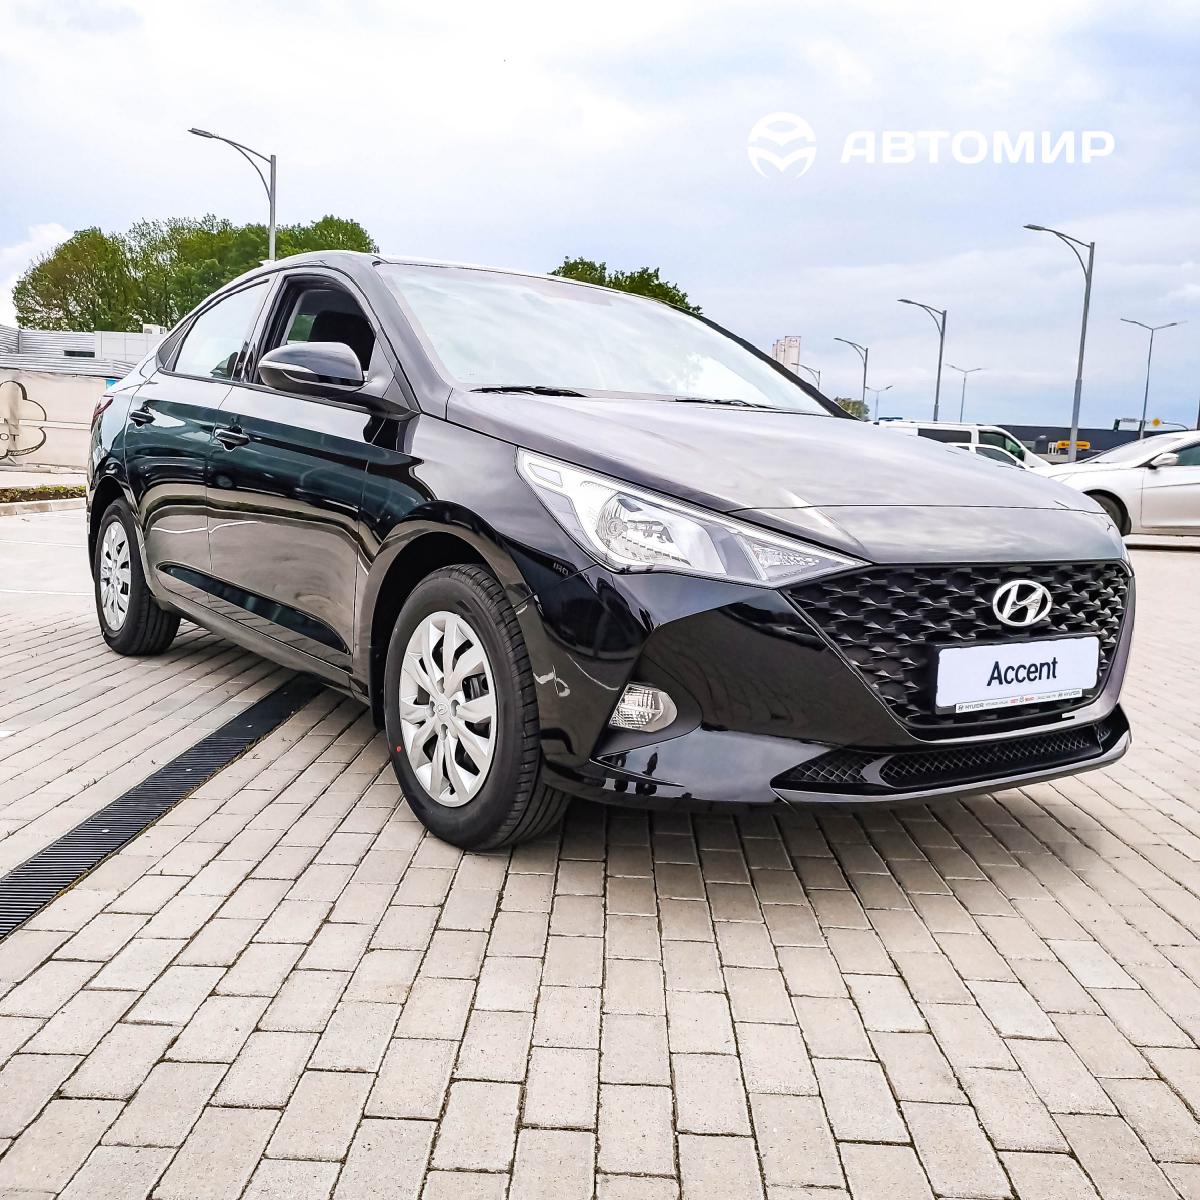 Hyundai стильний Accent вже в автосалоні!   Хюндай Мотор Україна - фото 11